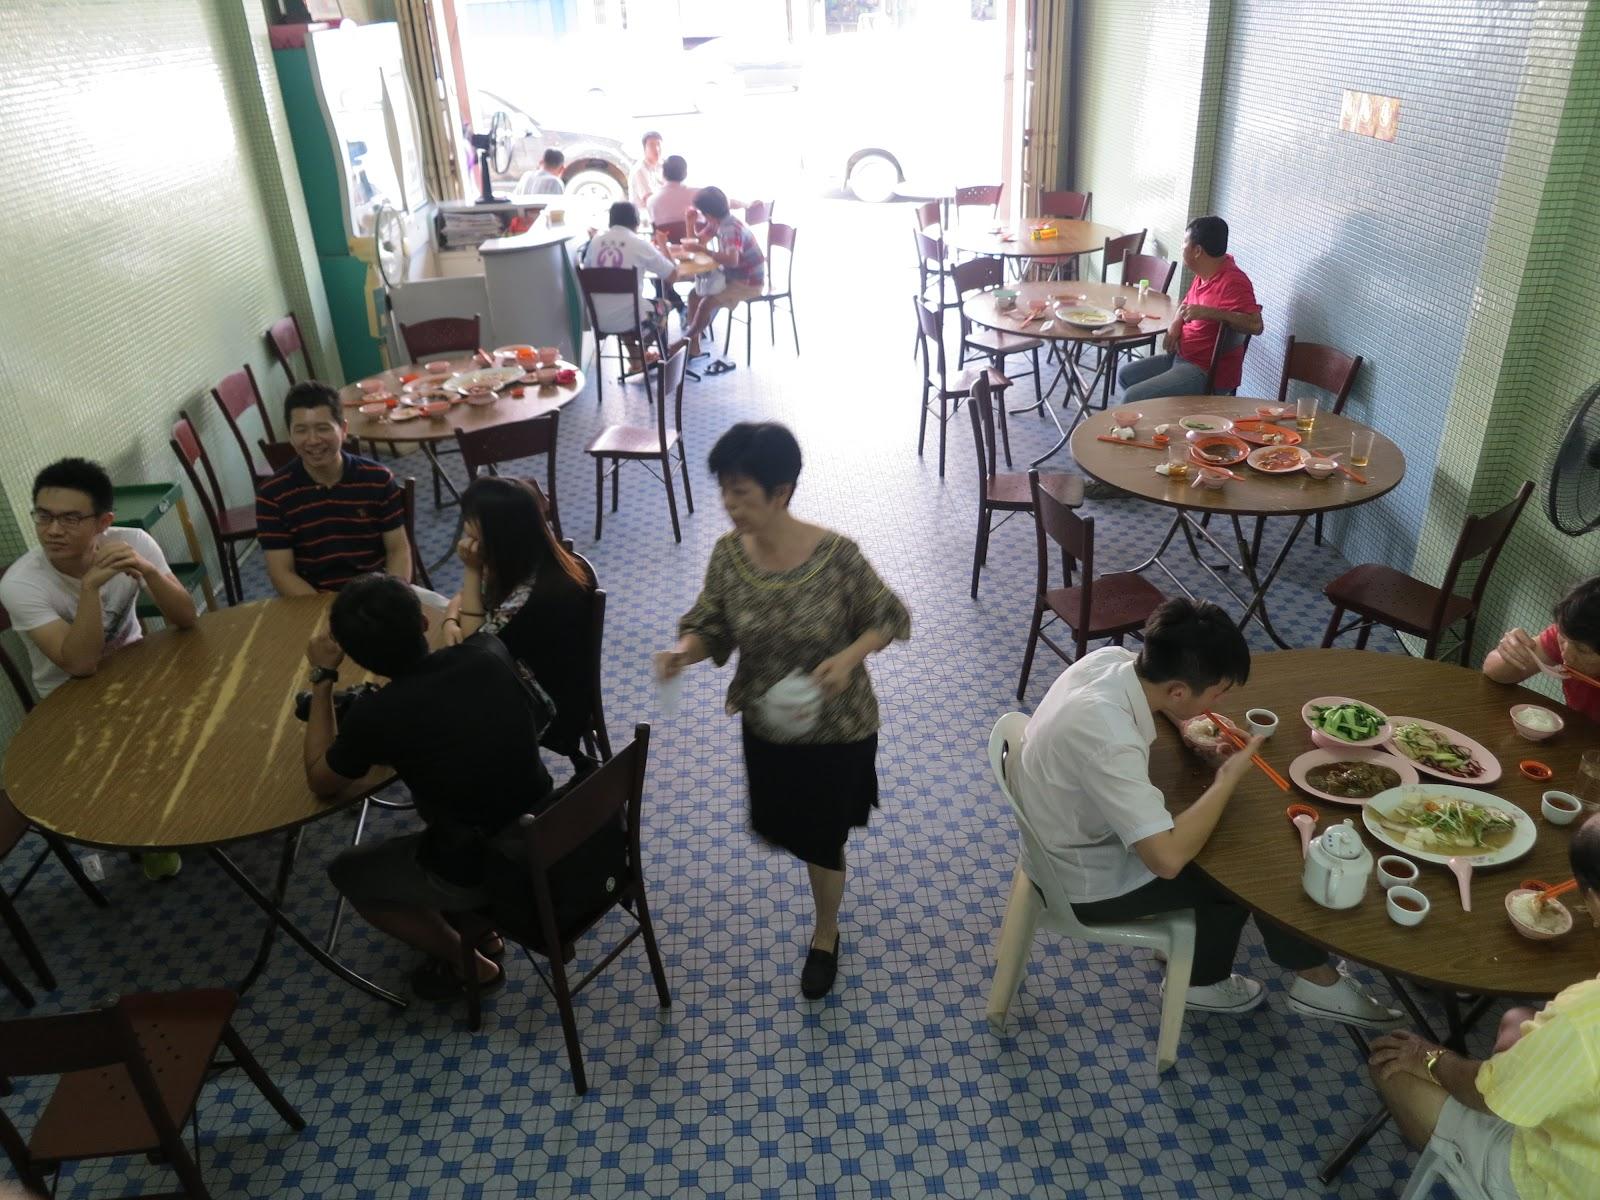 Loke Tien Yuen Restaurant 乐天园酒家 in Mersing, Johor, Malaysia